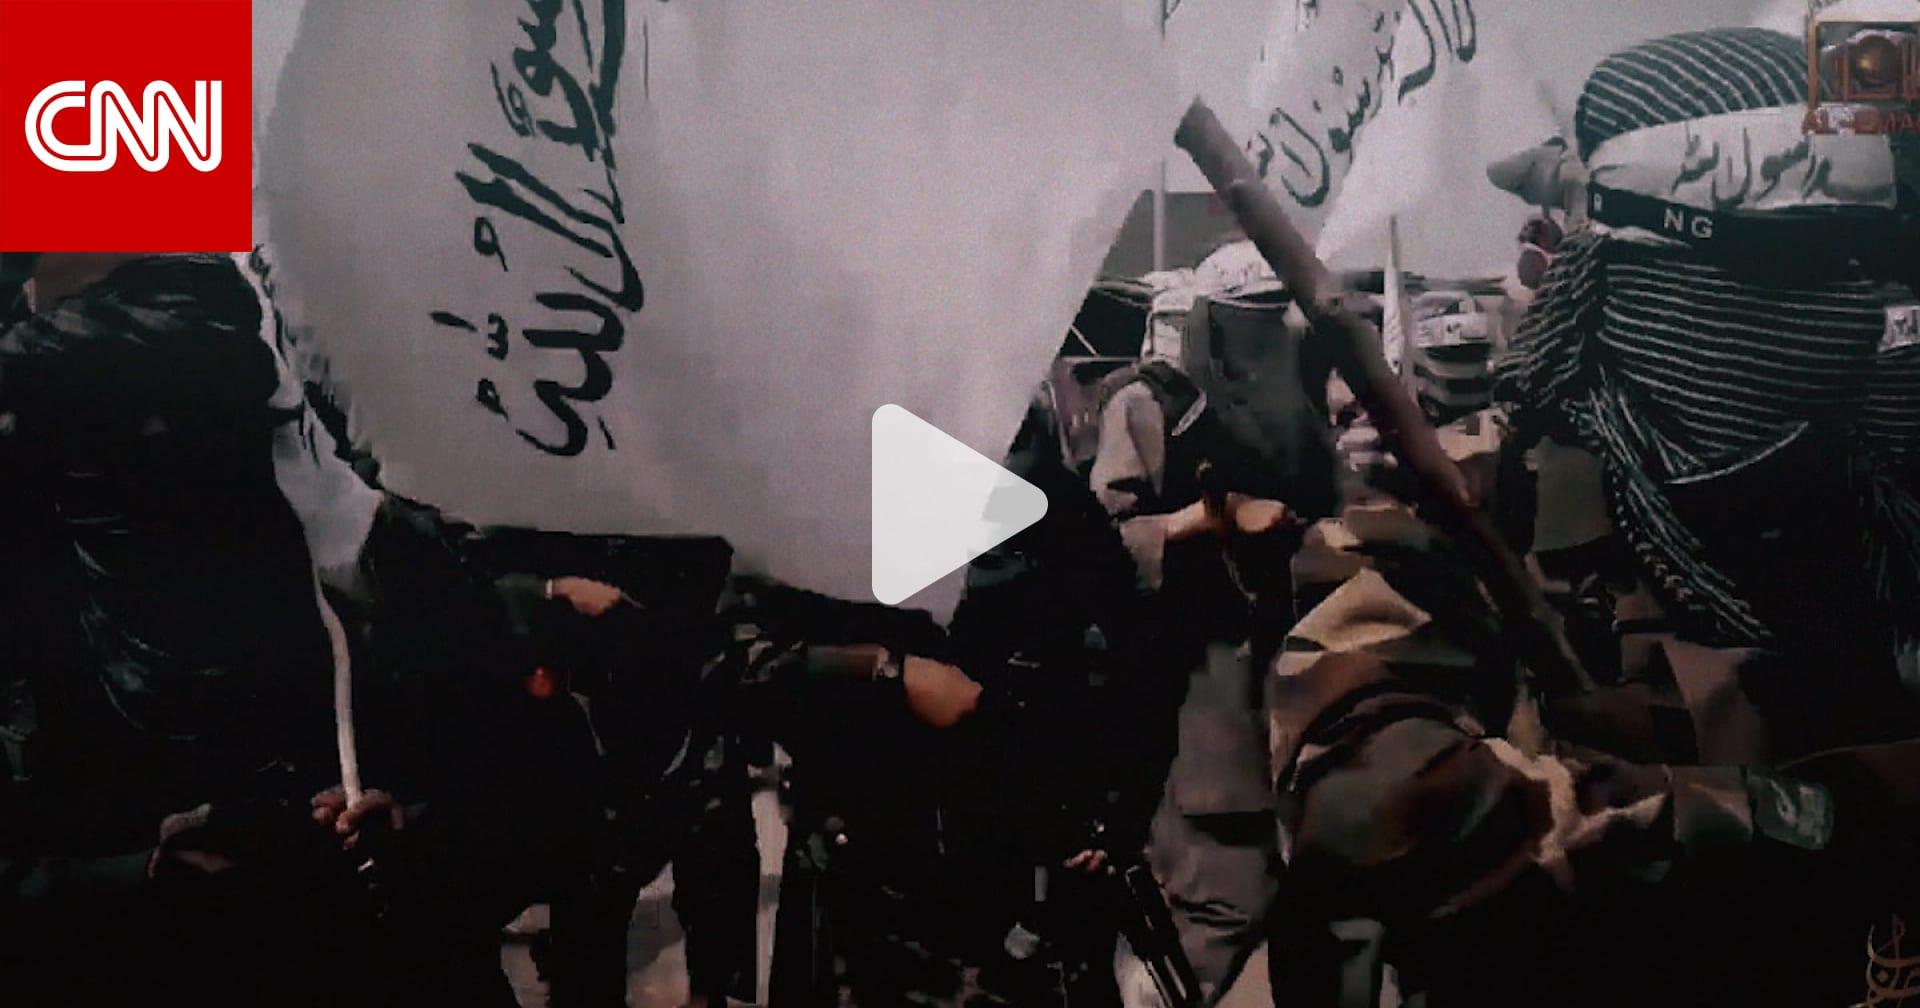 رغم وعودها.. مذيع CNN يشرح: لماذا يجب على الولايات المتحدة أن تقلق من طالبان؟